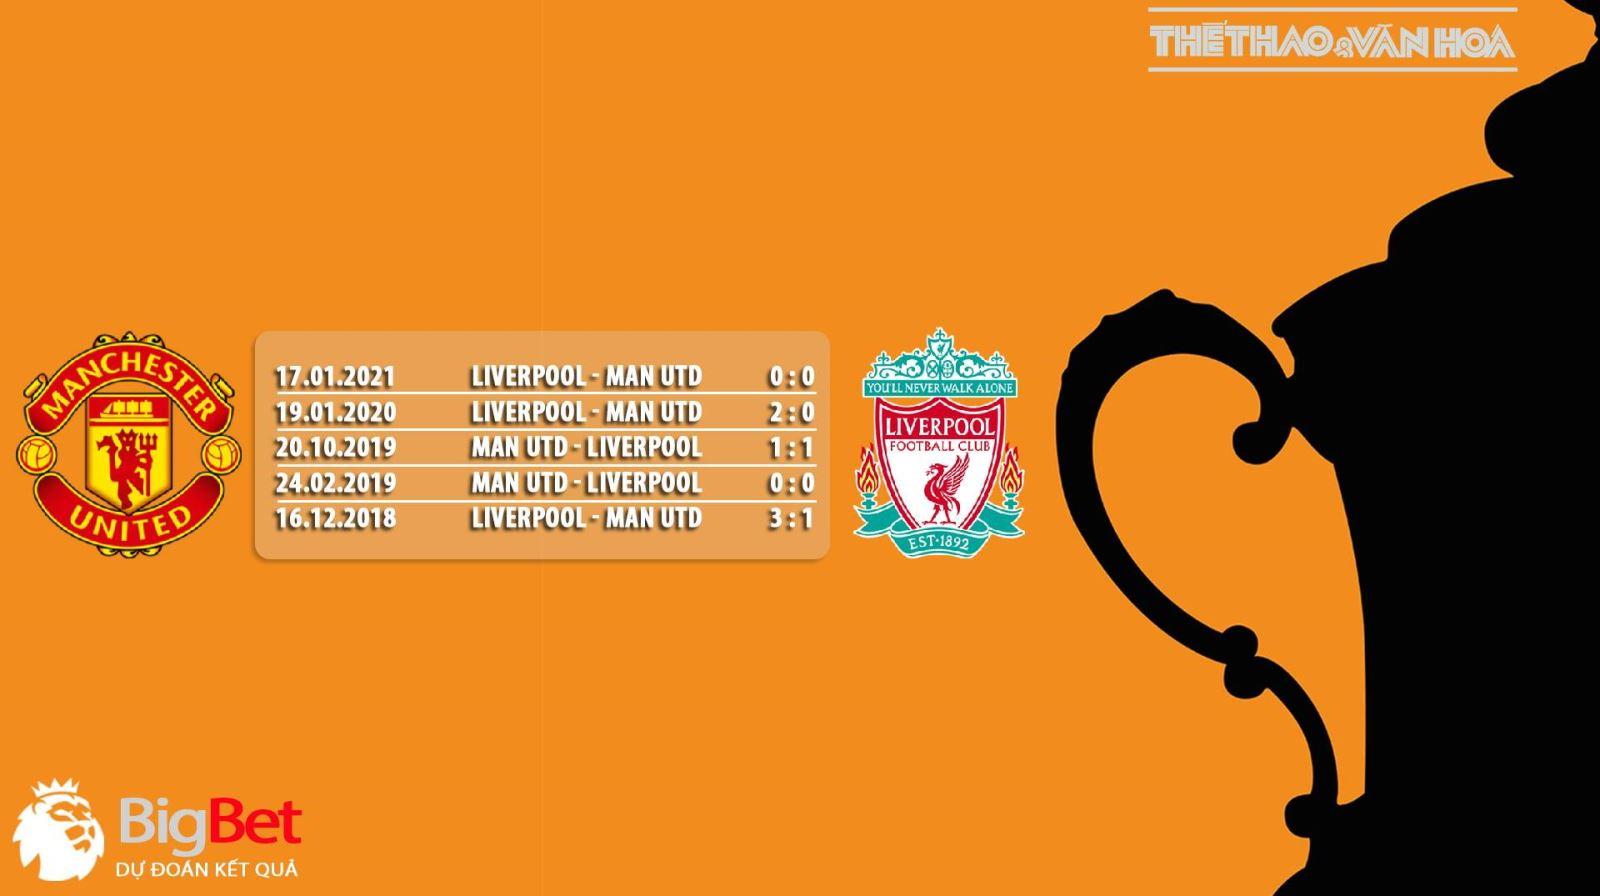 Trực tiếp bóng đá Anh hôm nay. MU vs Liverpool. FPT Play. Cúp FA vòng 4. Xem MU